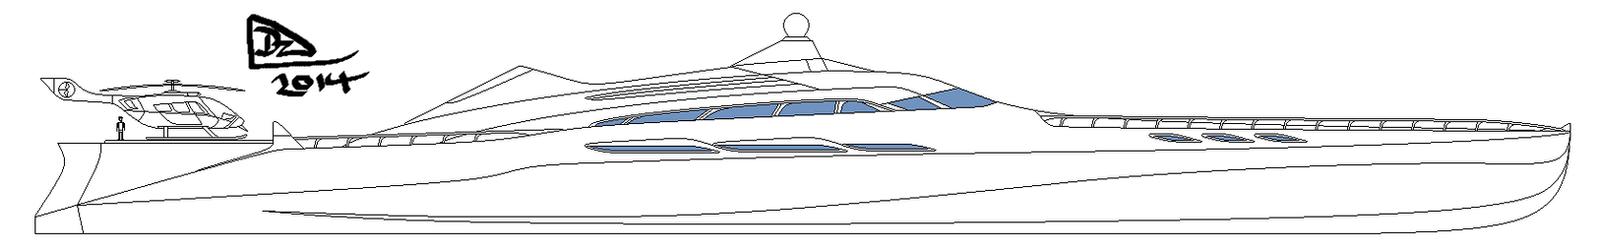 Darkaiz Yacht 01 by Darkaiz